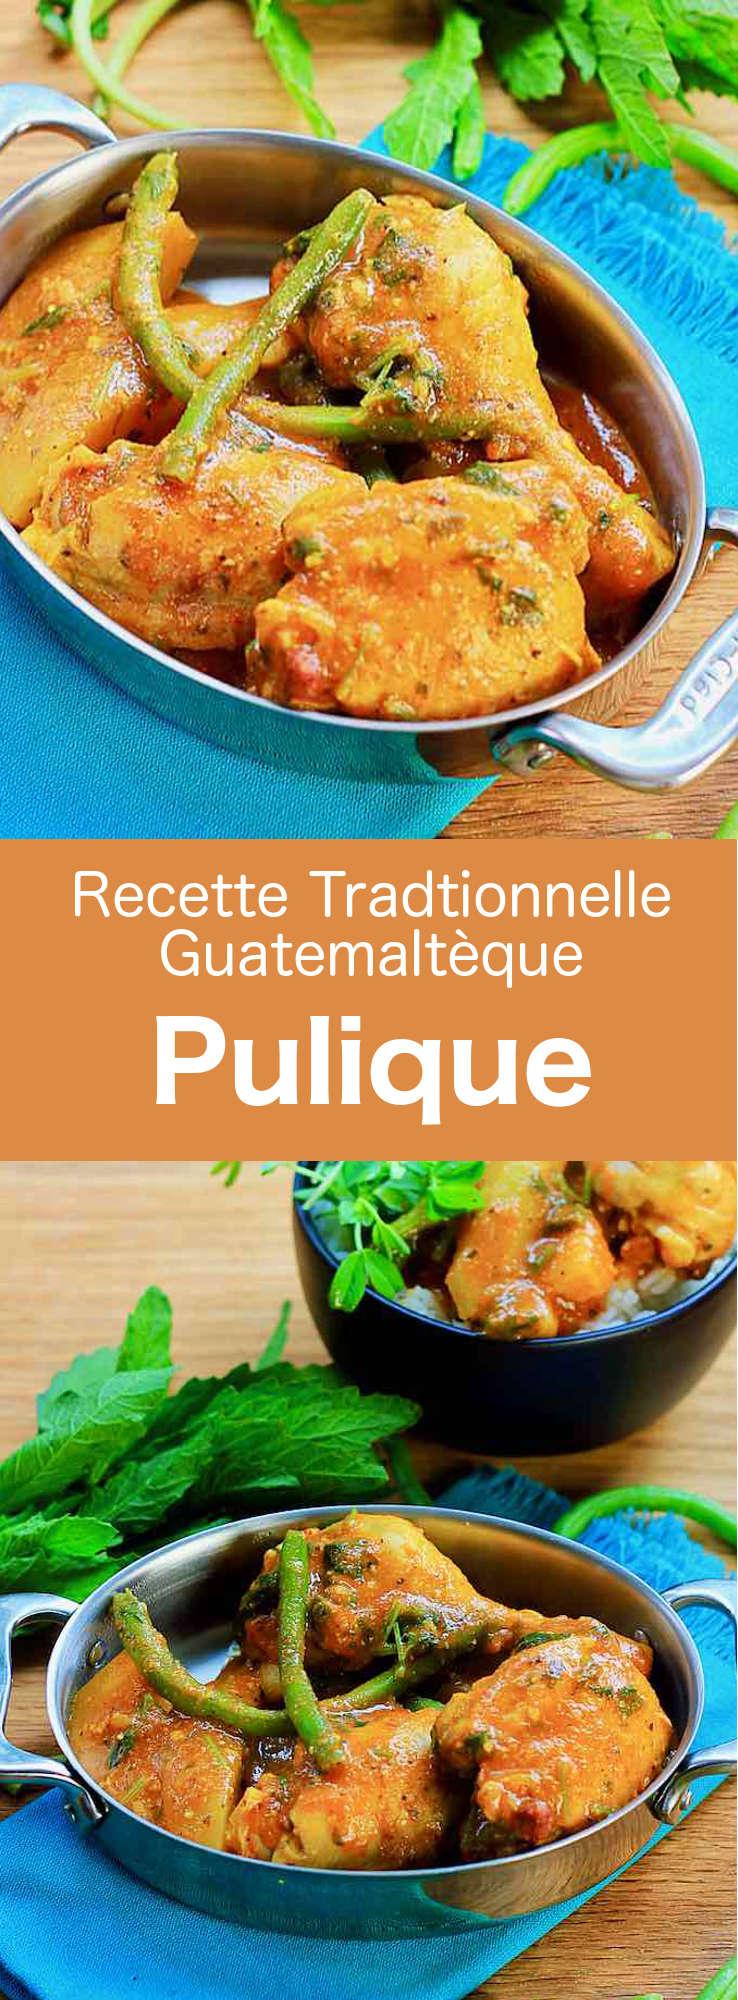 Le pulique est un ragoût de viande et de légumes épais, qui se prépare avec du poulet, du bœuf ou du porc. Il est reconnu comme l'un des plats nationaux du Guatemala. #Guatemala #CuisineGuatemalteque #AmeriqueCentrale #CuisineDuMonde #196flavors